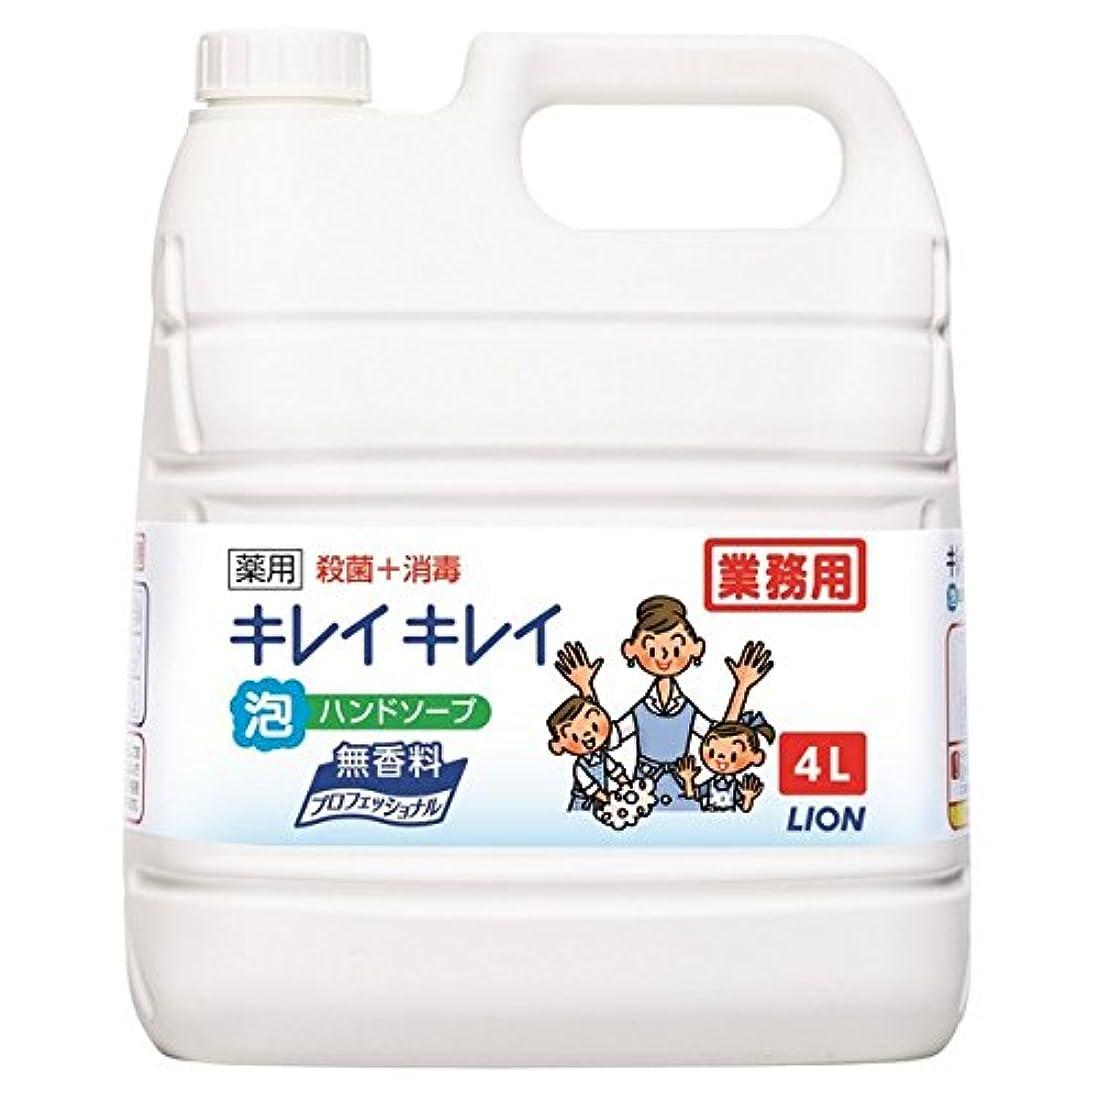 アクセス別れる警告するライオン キレイキレイ薬用泡ハンドソープ 無香料 4L×3本入